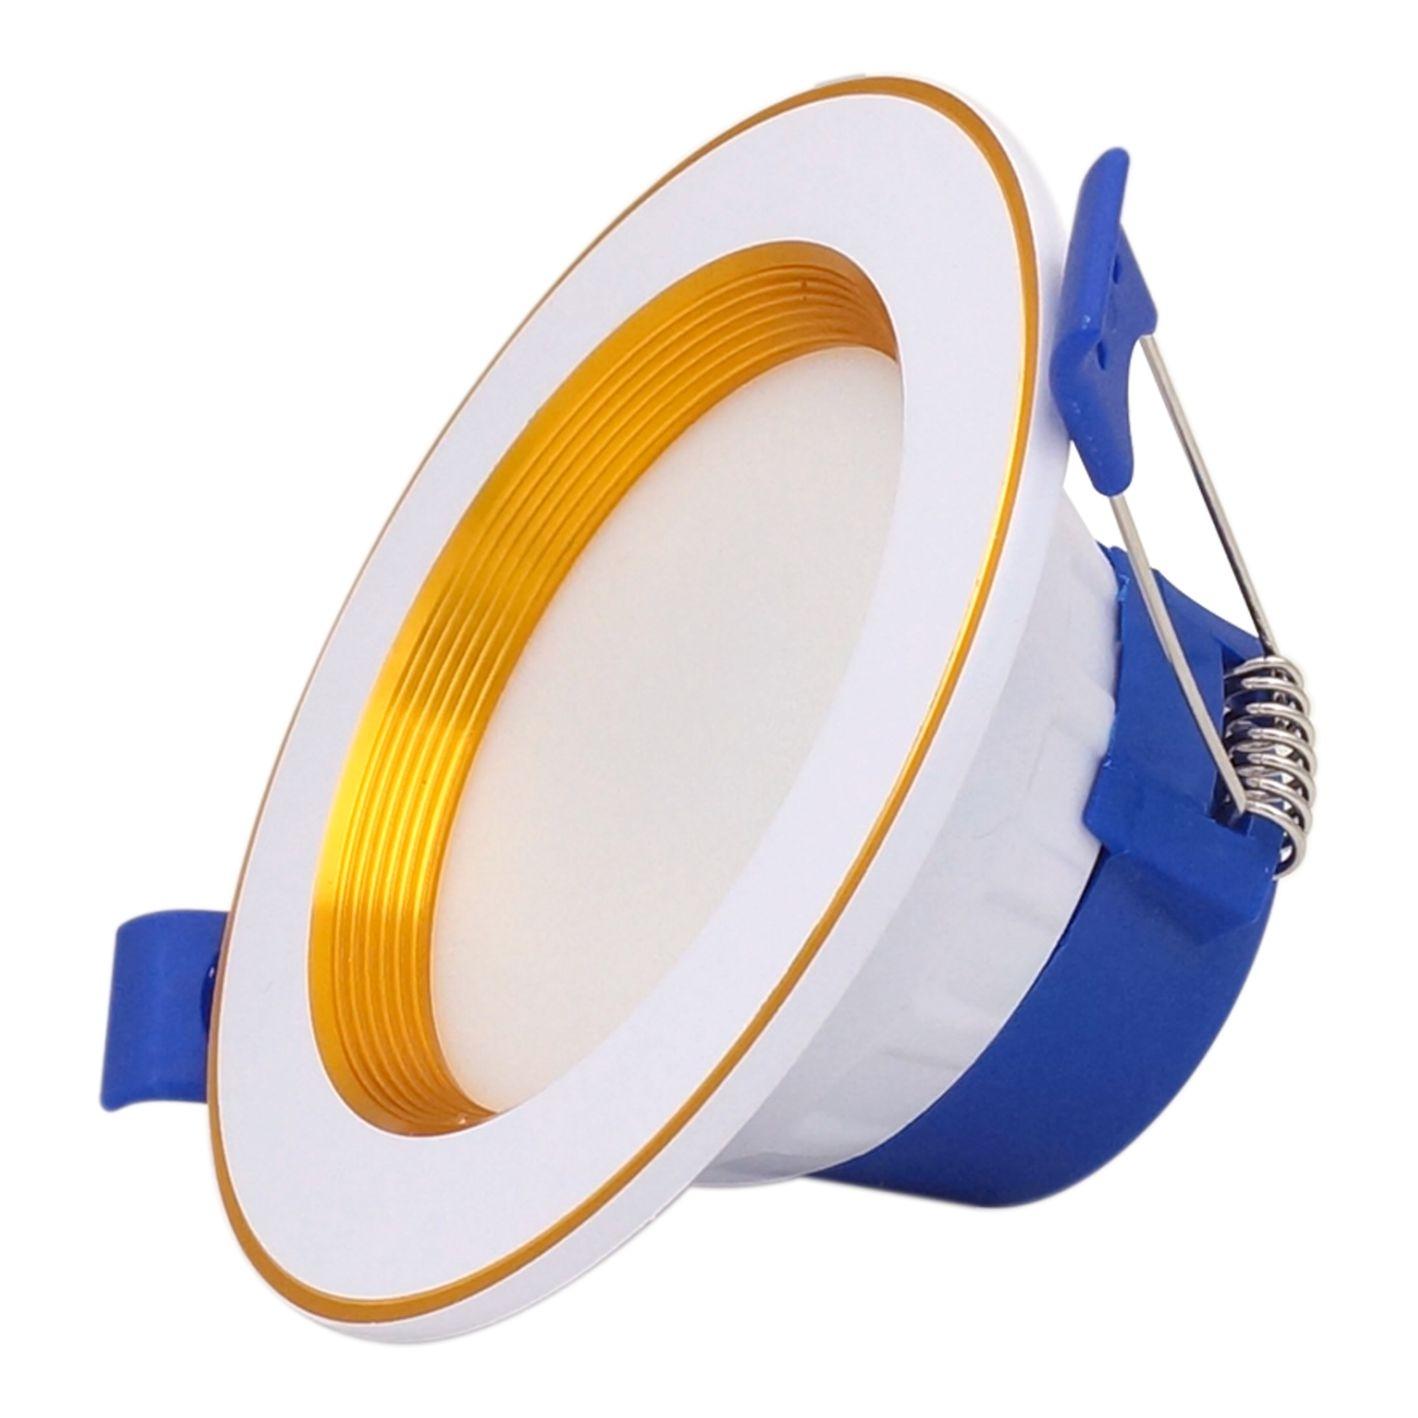 POVA普洛瓦LED筒灯